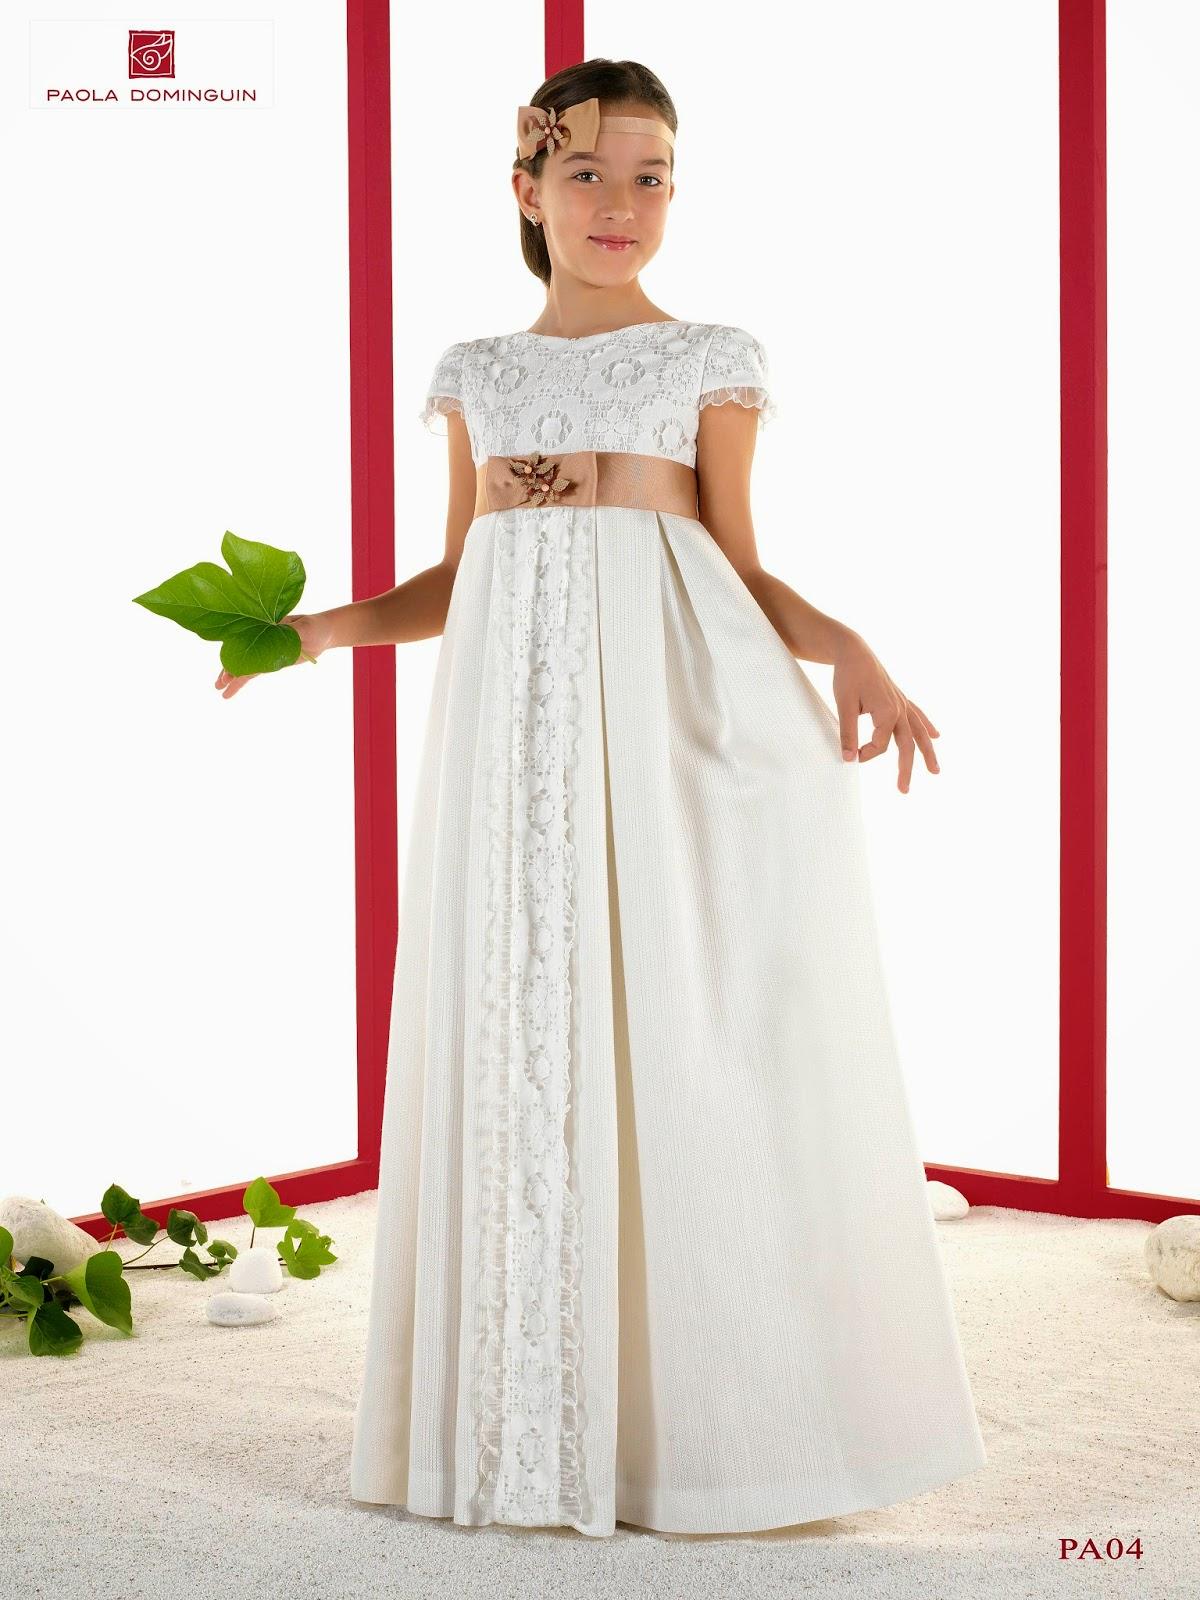 f7916e2a83 ... de la moda que quieren escapar de los convencionalismos disfrutando en  un día especial e inolvidable de un vestido de comunión único. GIANCARLO  NOVIAS